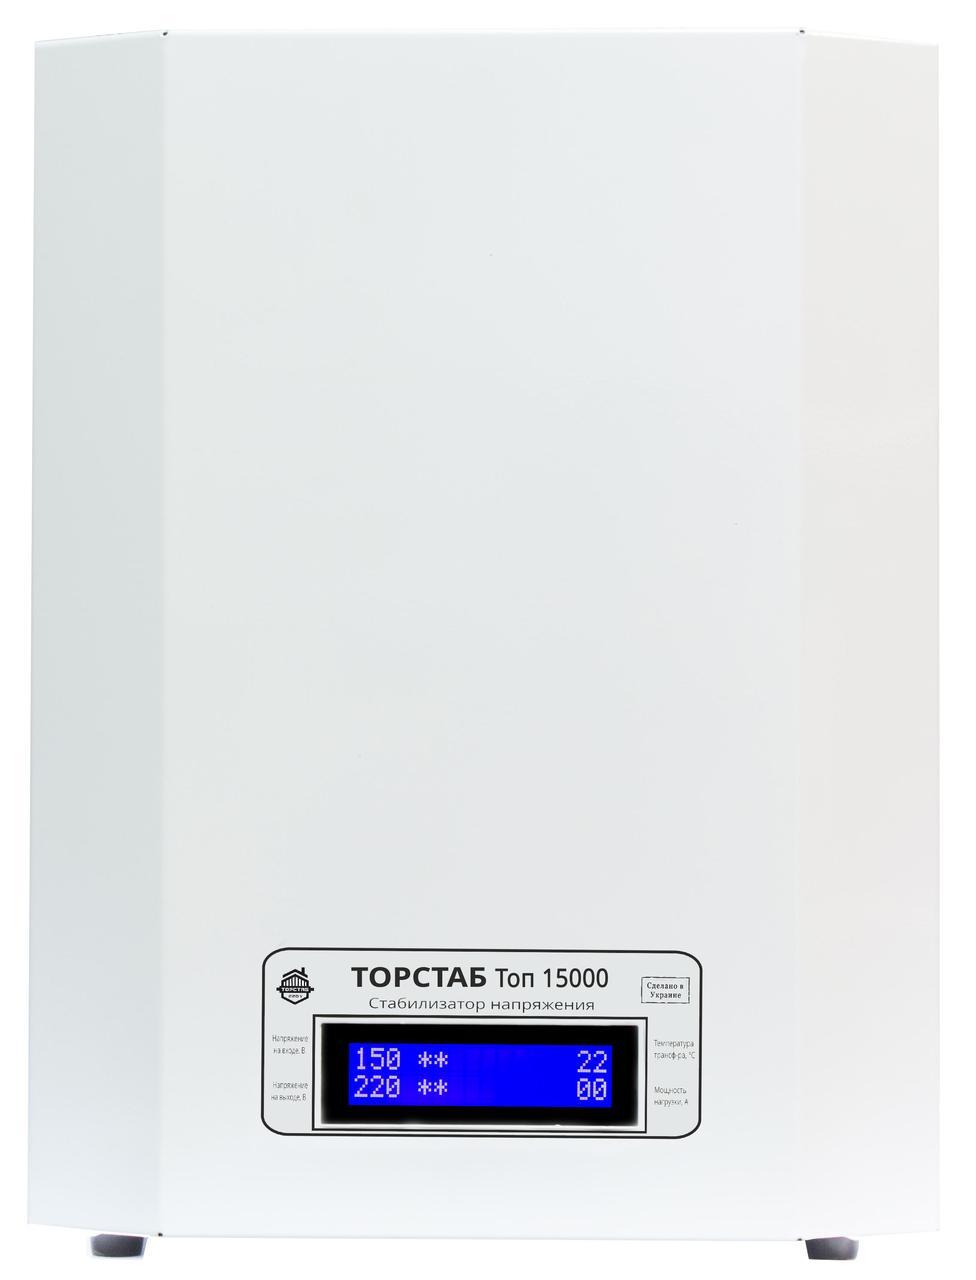 Торстаб ТОП 15000 - стабилизатор напряжения